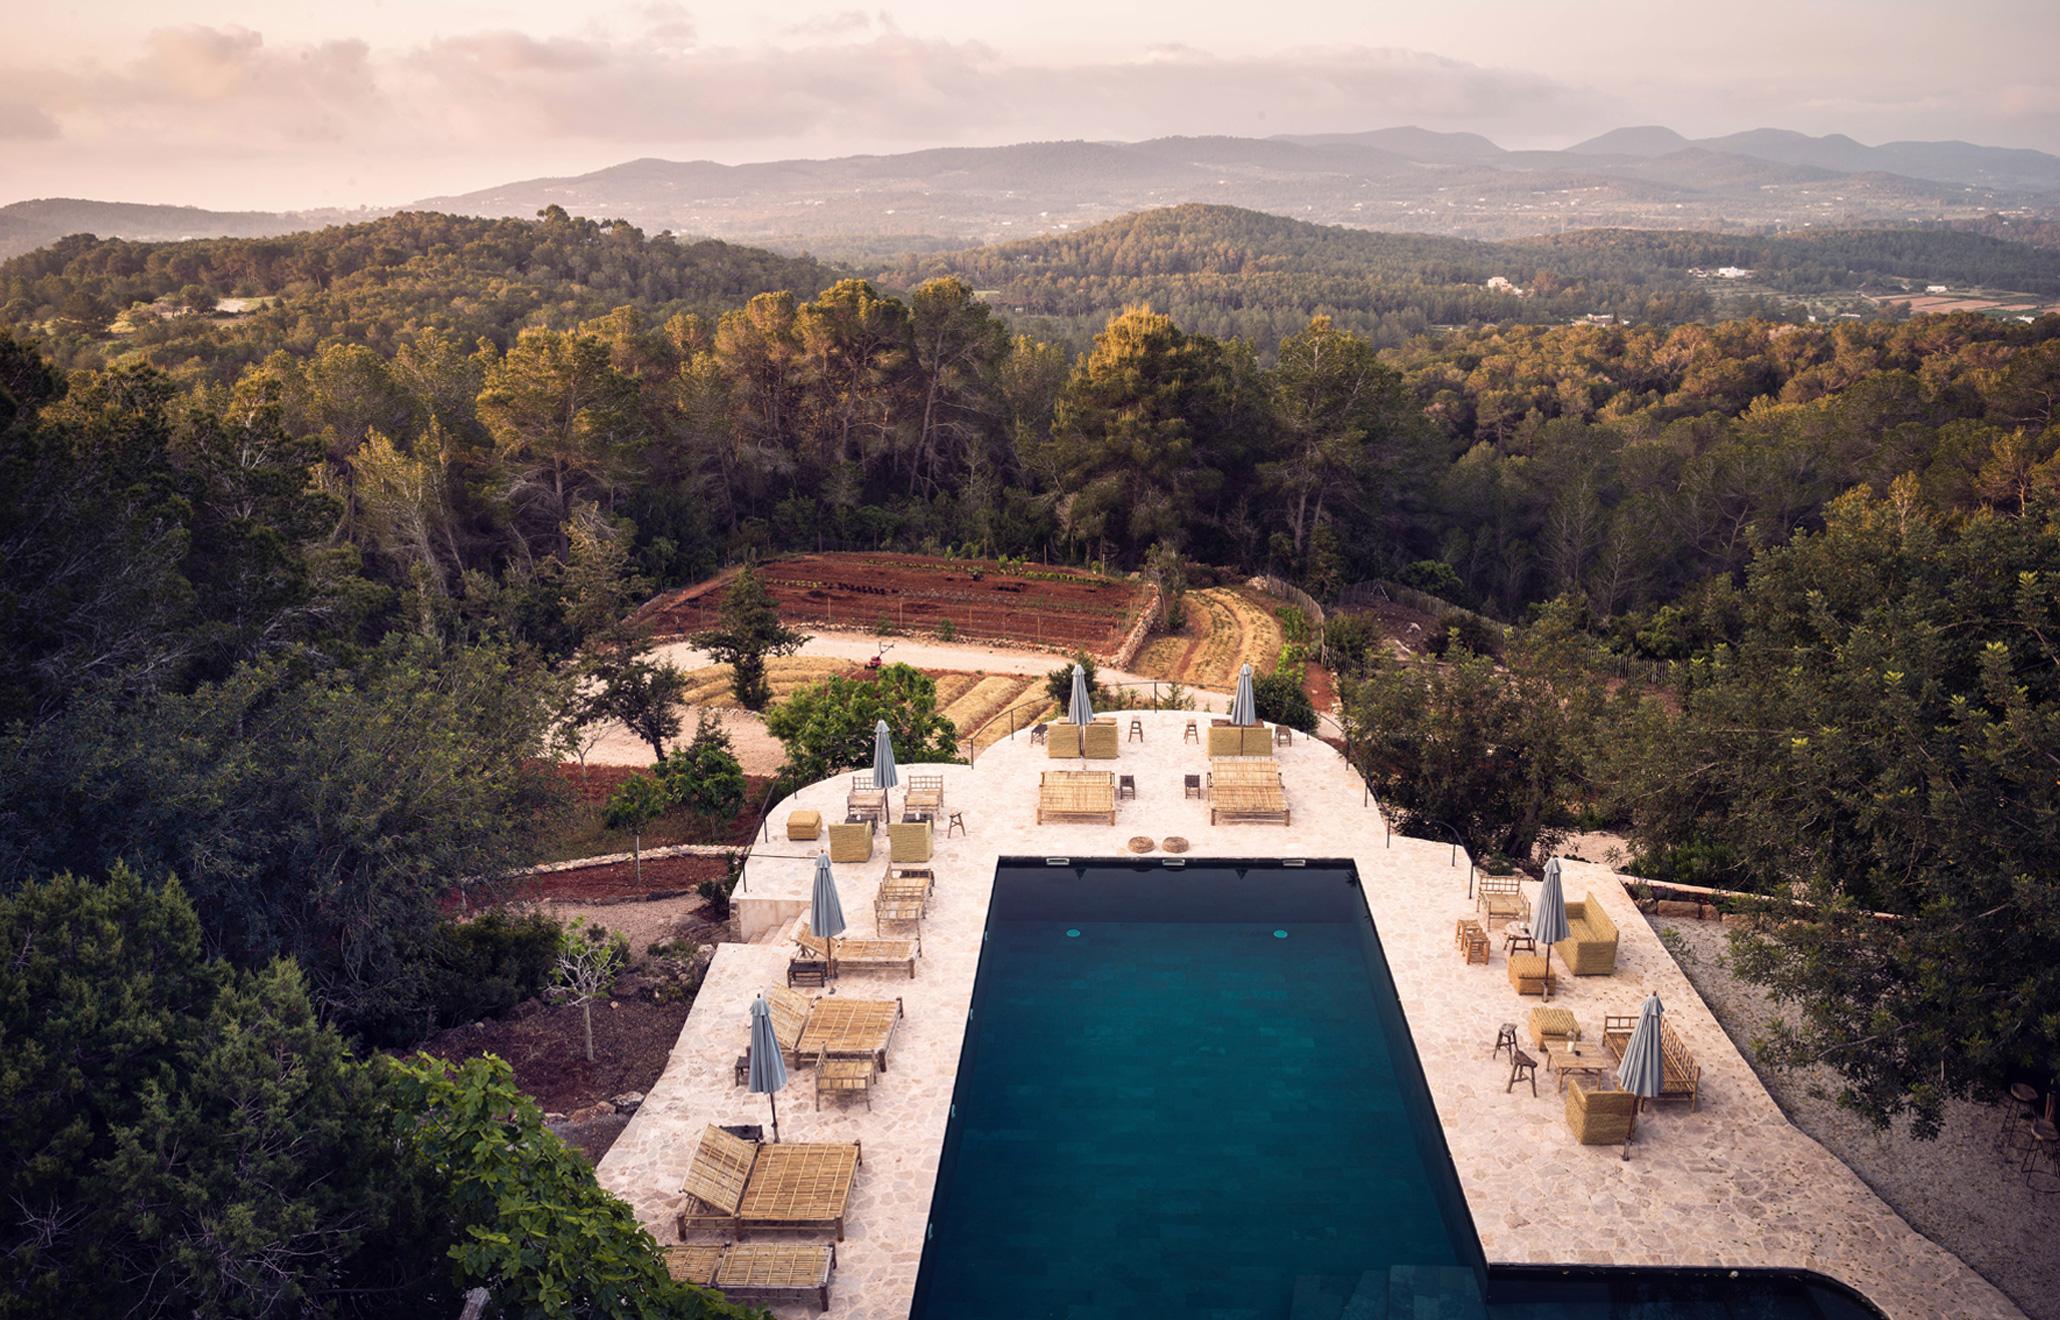 la-granja-ibiza-master-tower-suite-pool (1).jpg